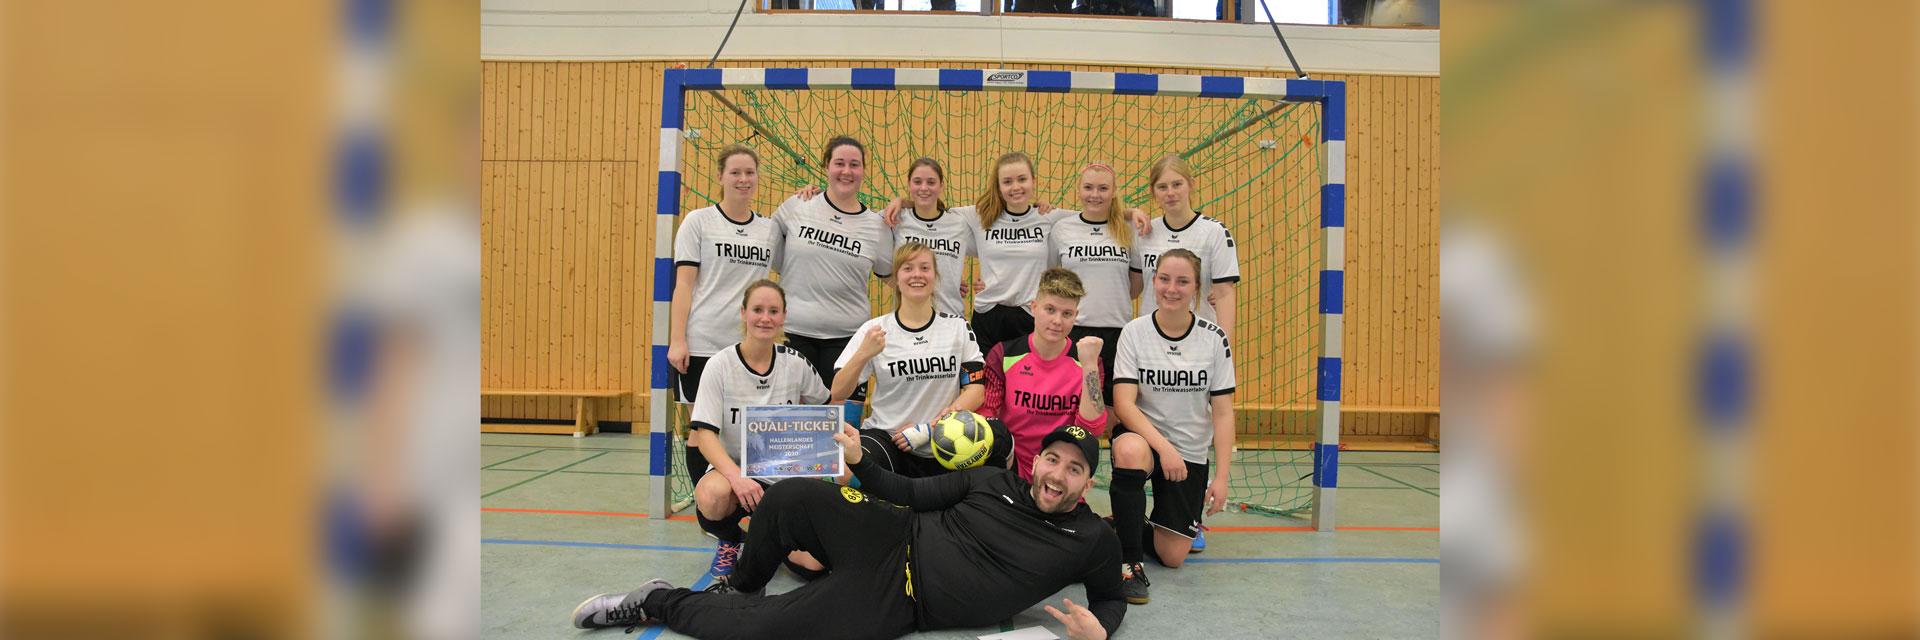 Riesenleistung unserer Fußball-Frauen!